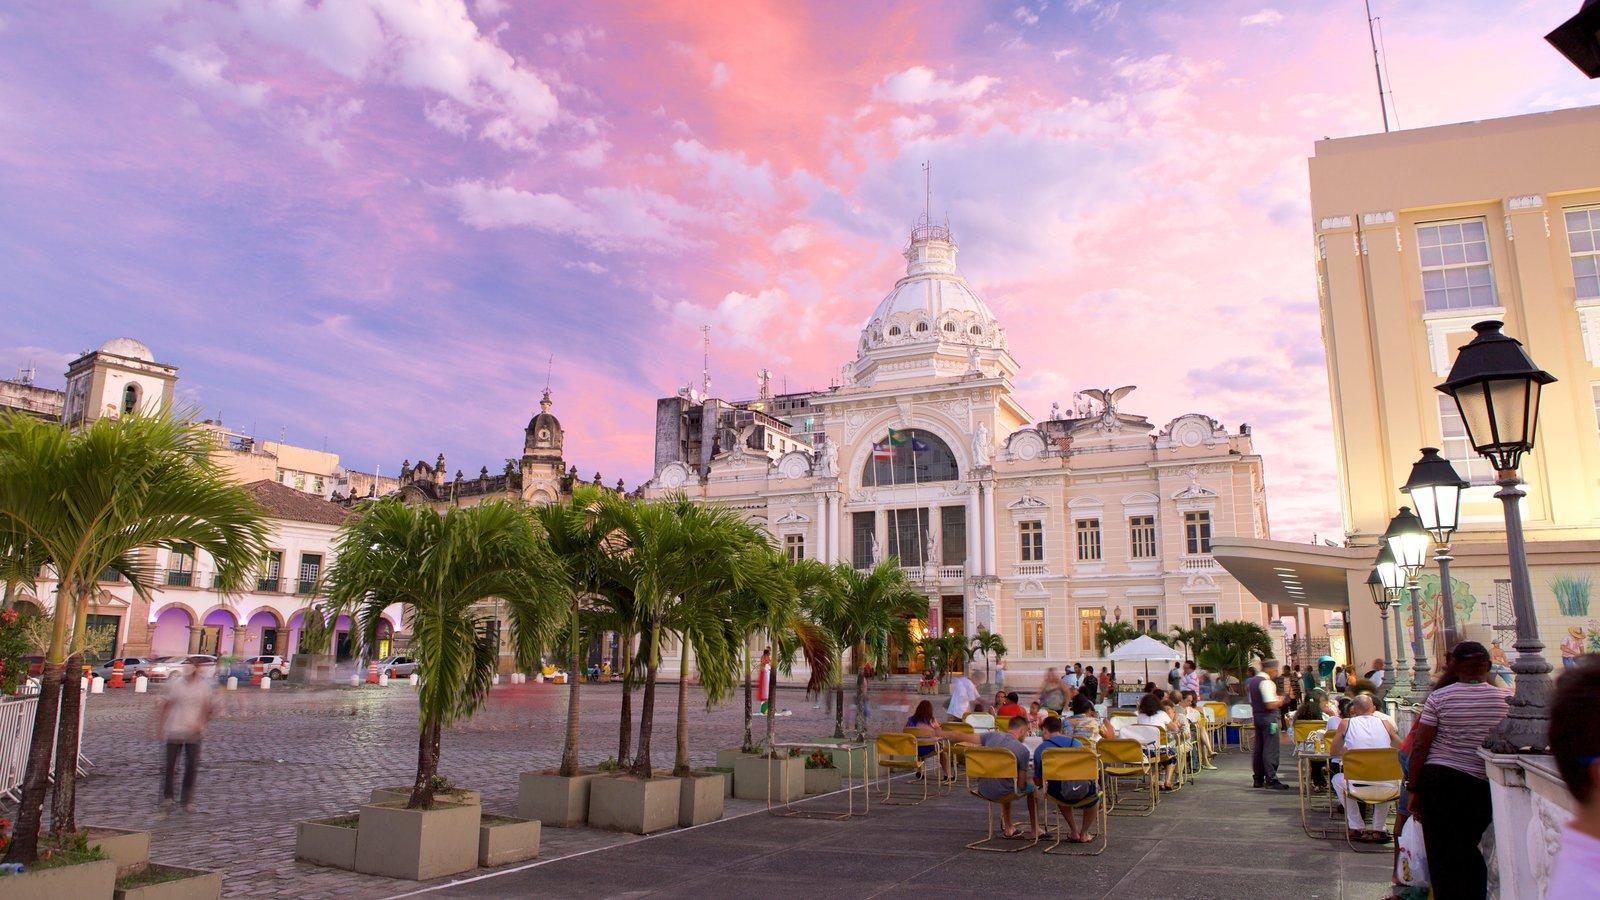 Salvador que inclui uma praça ou plaza, um pôr do sol e jantar ao ar livre